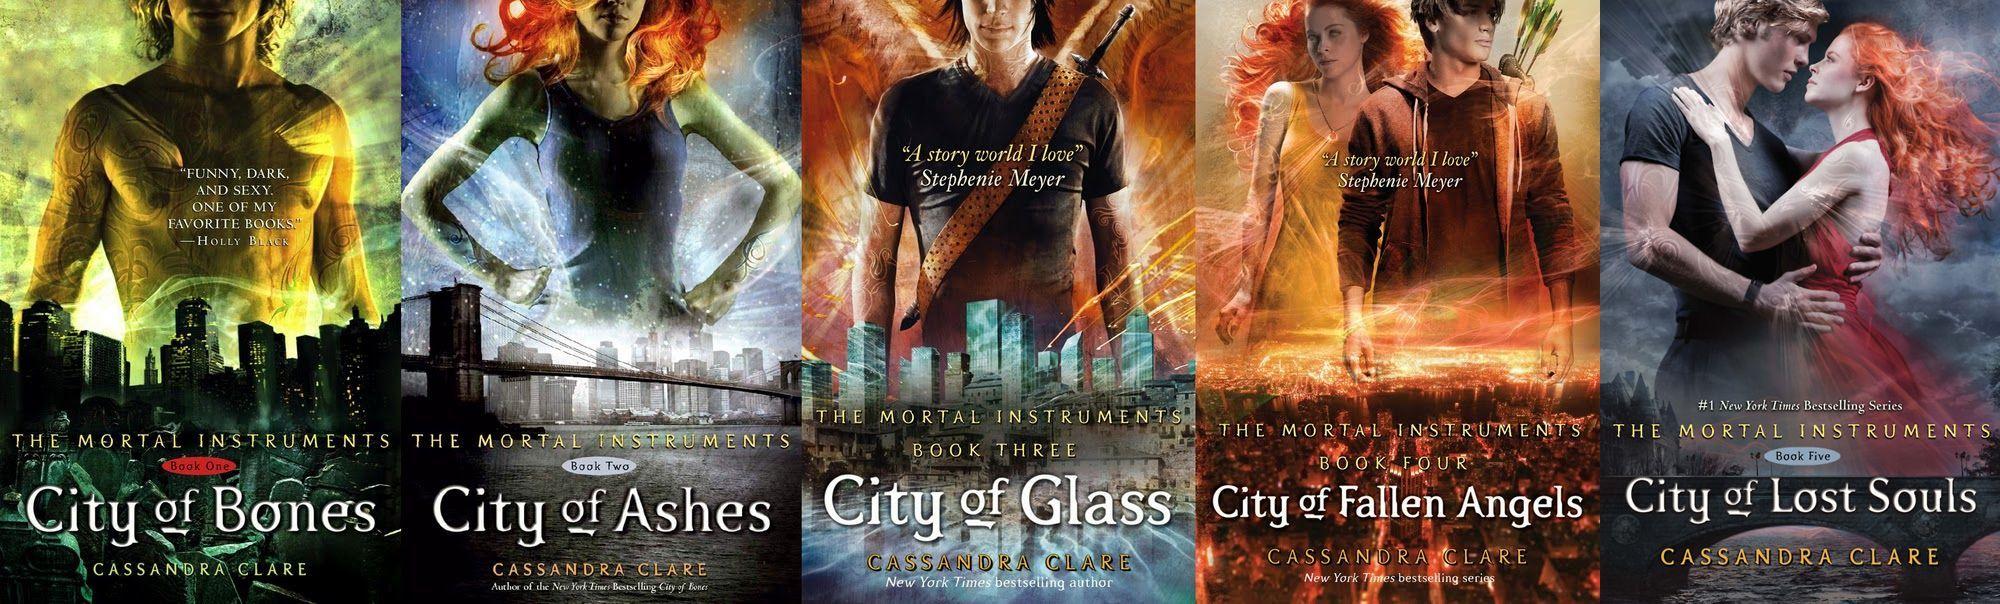 Shadowhunters, i libri della saga urban fantasy di Cassandra Clare